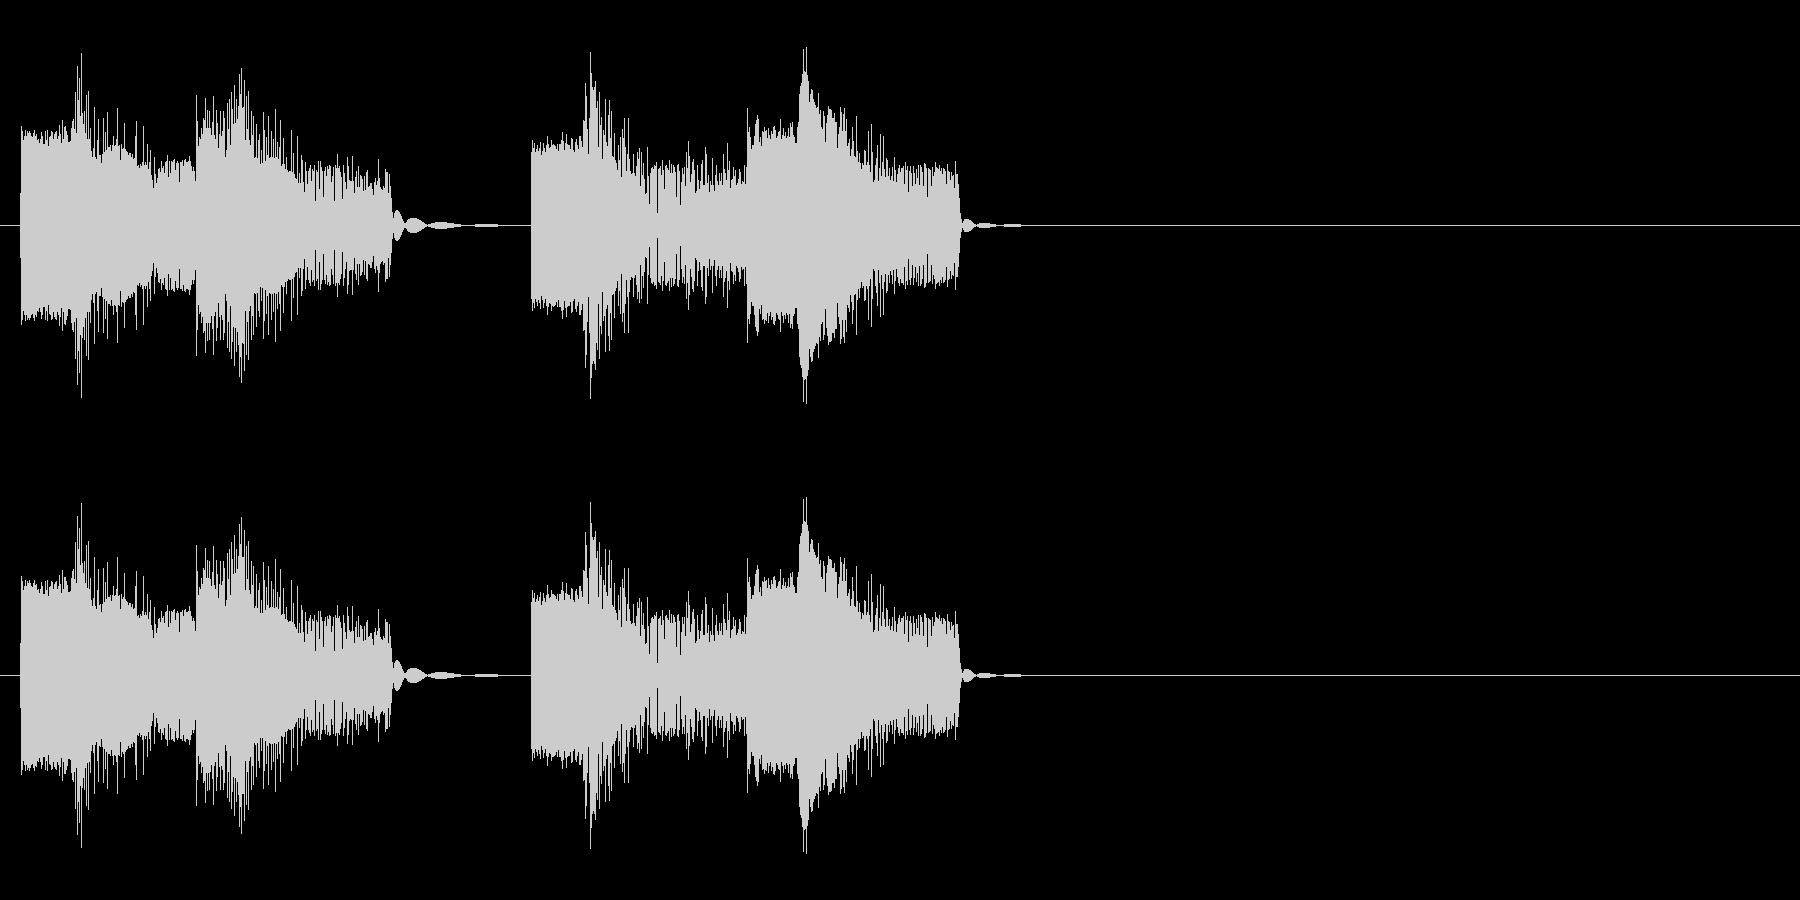 ロボットの音声 2の未再生の波形